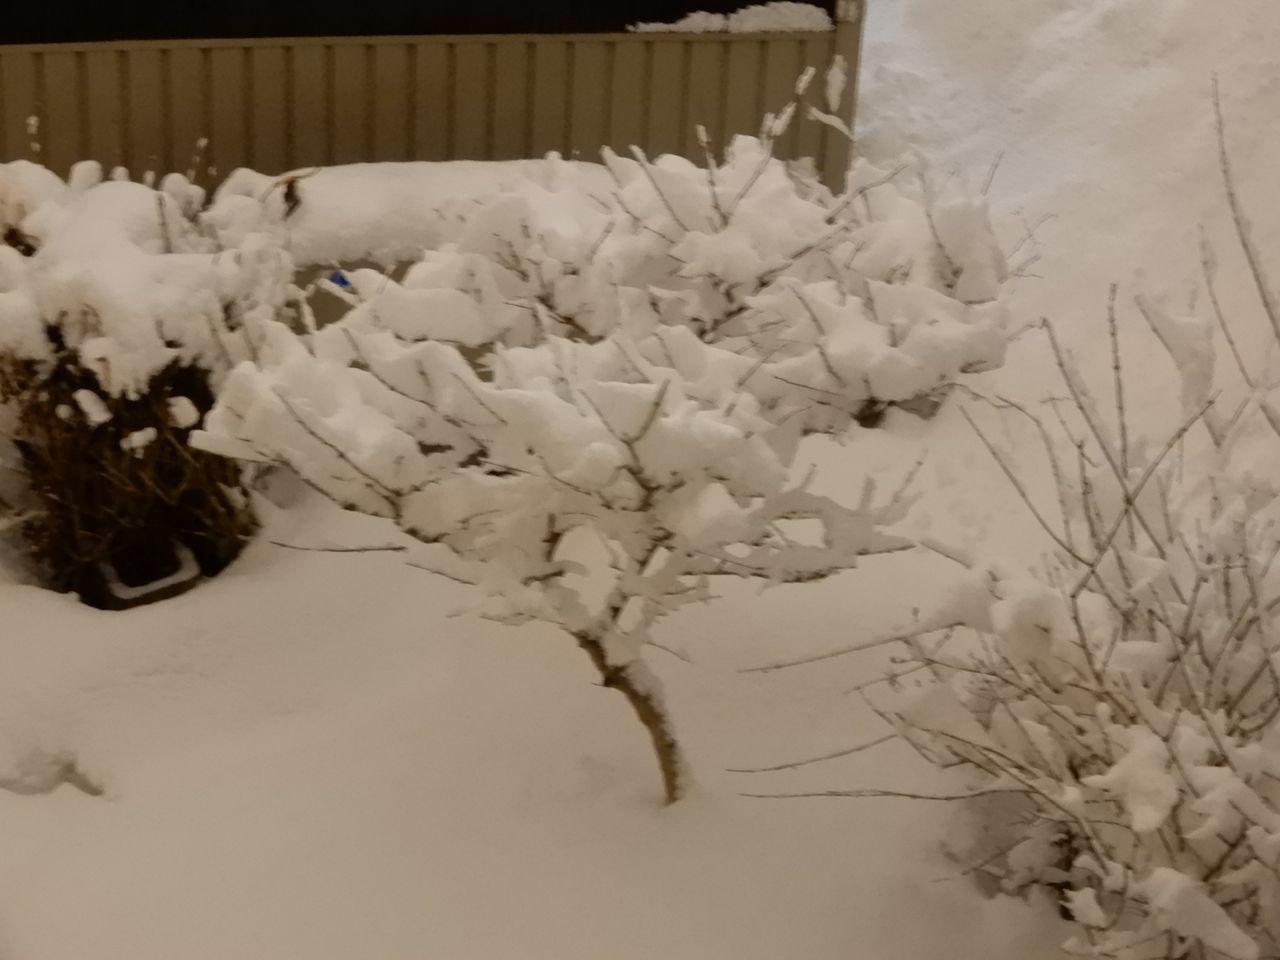 今朝までに降った雪はとけたのものの、夜になってからその倍の雪が積もりました_c0025115_23190096.jpg